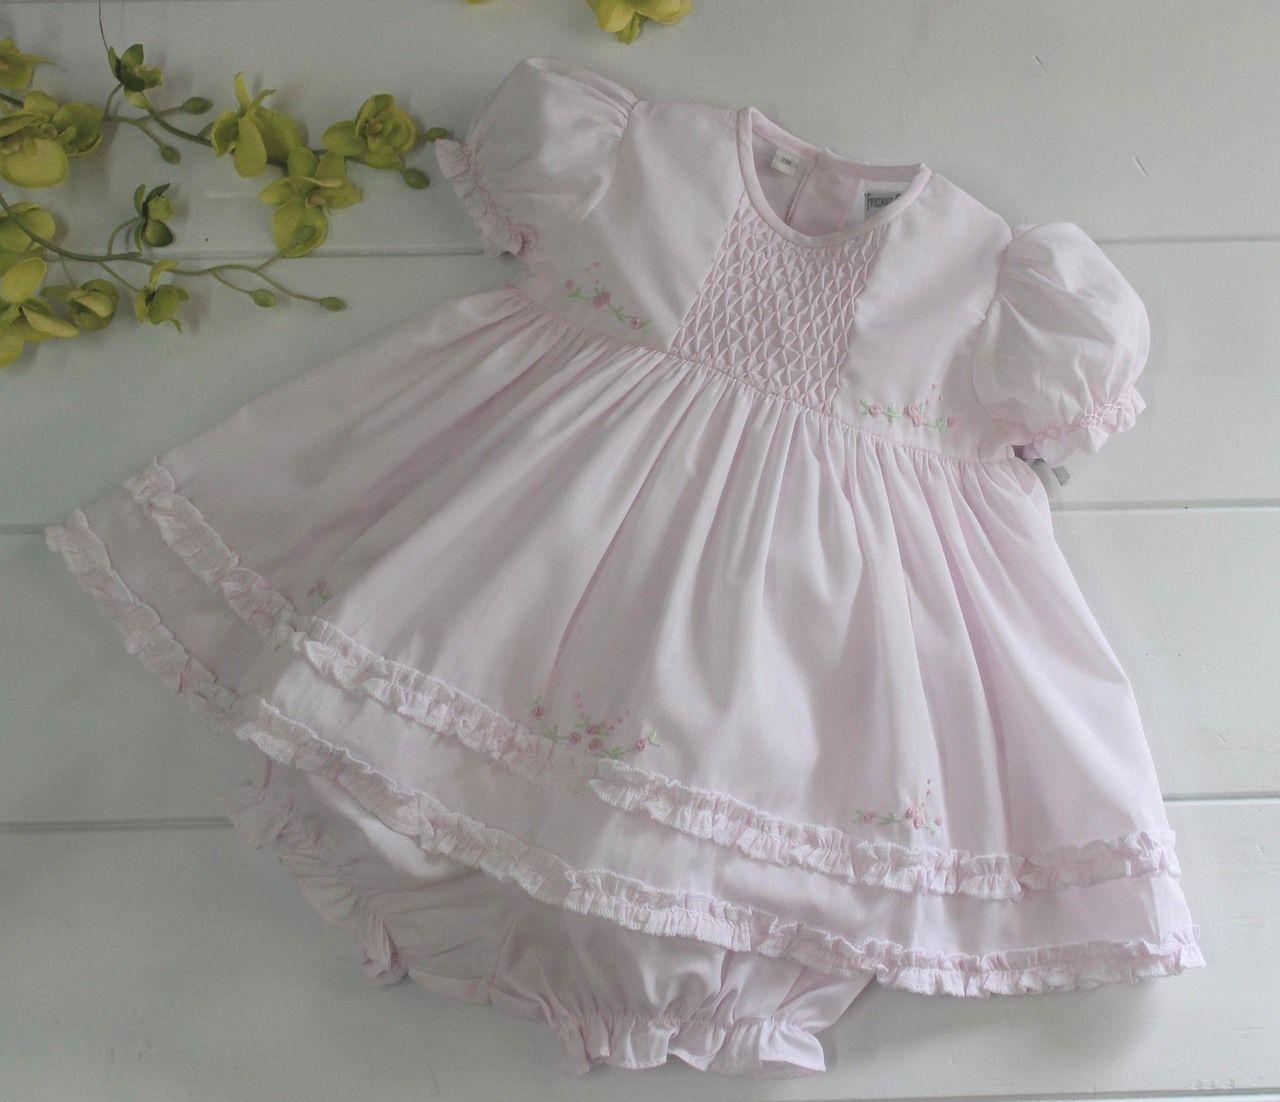 7c0de346e Baby Girls Pink Dress & Bloomer Set - Friedknit Creations by Feltman ...